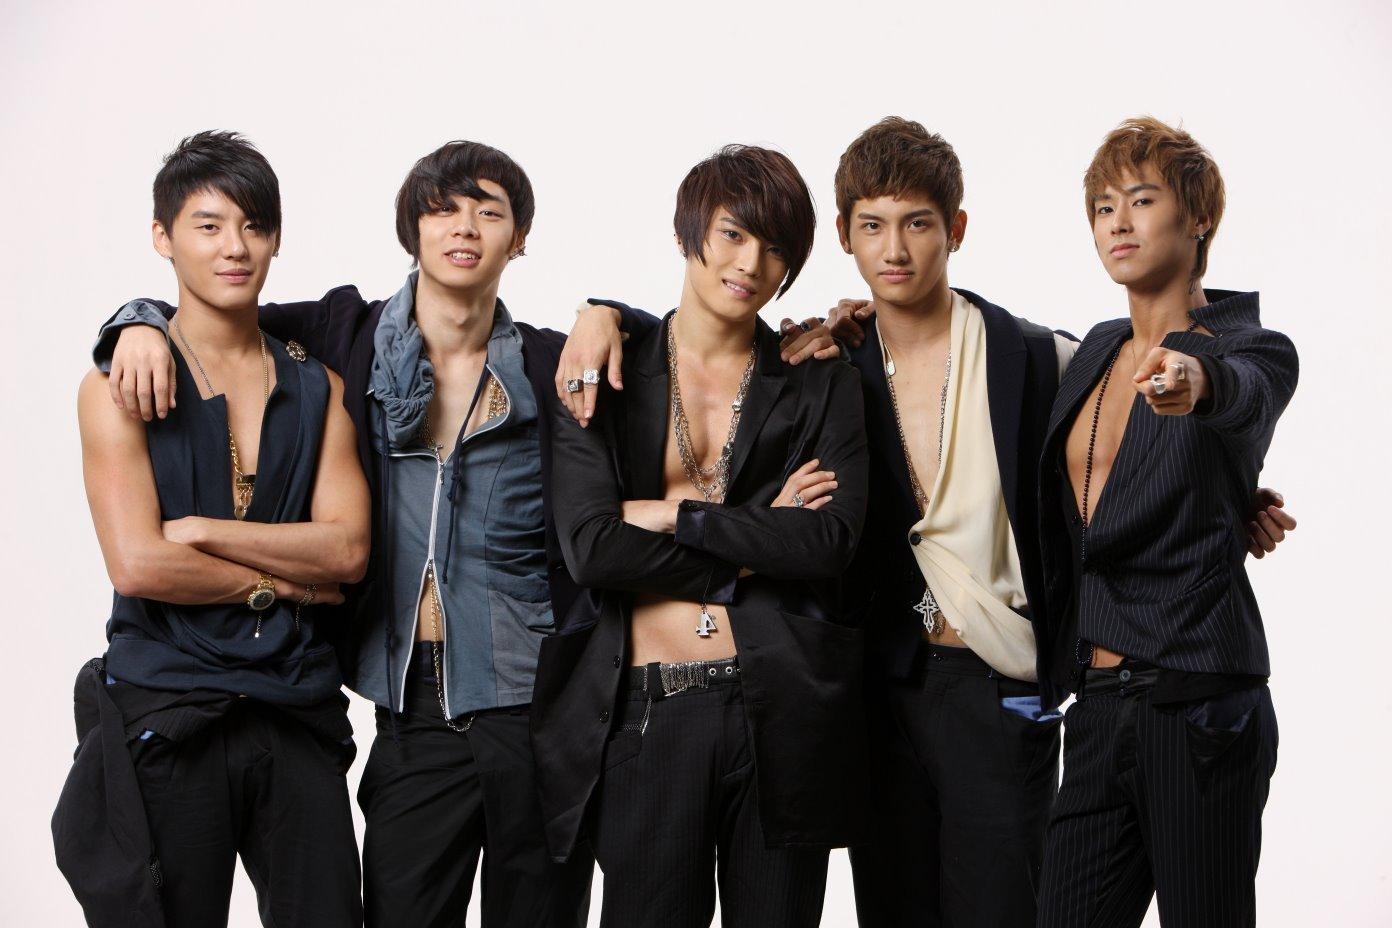 ¿Porqué ha crecido tanto la industria musical en Japón?